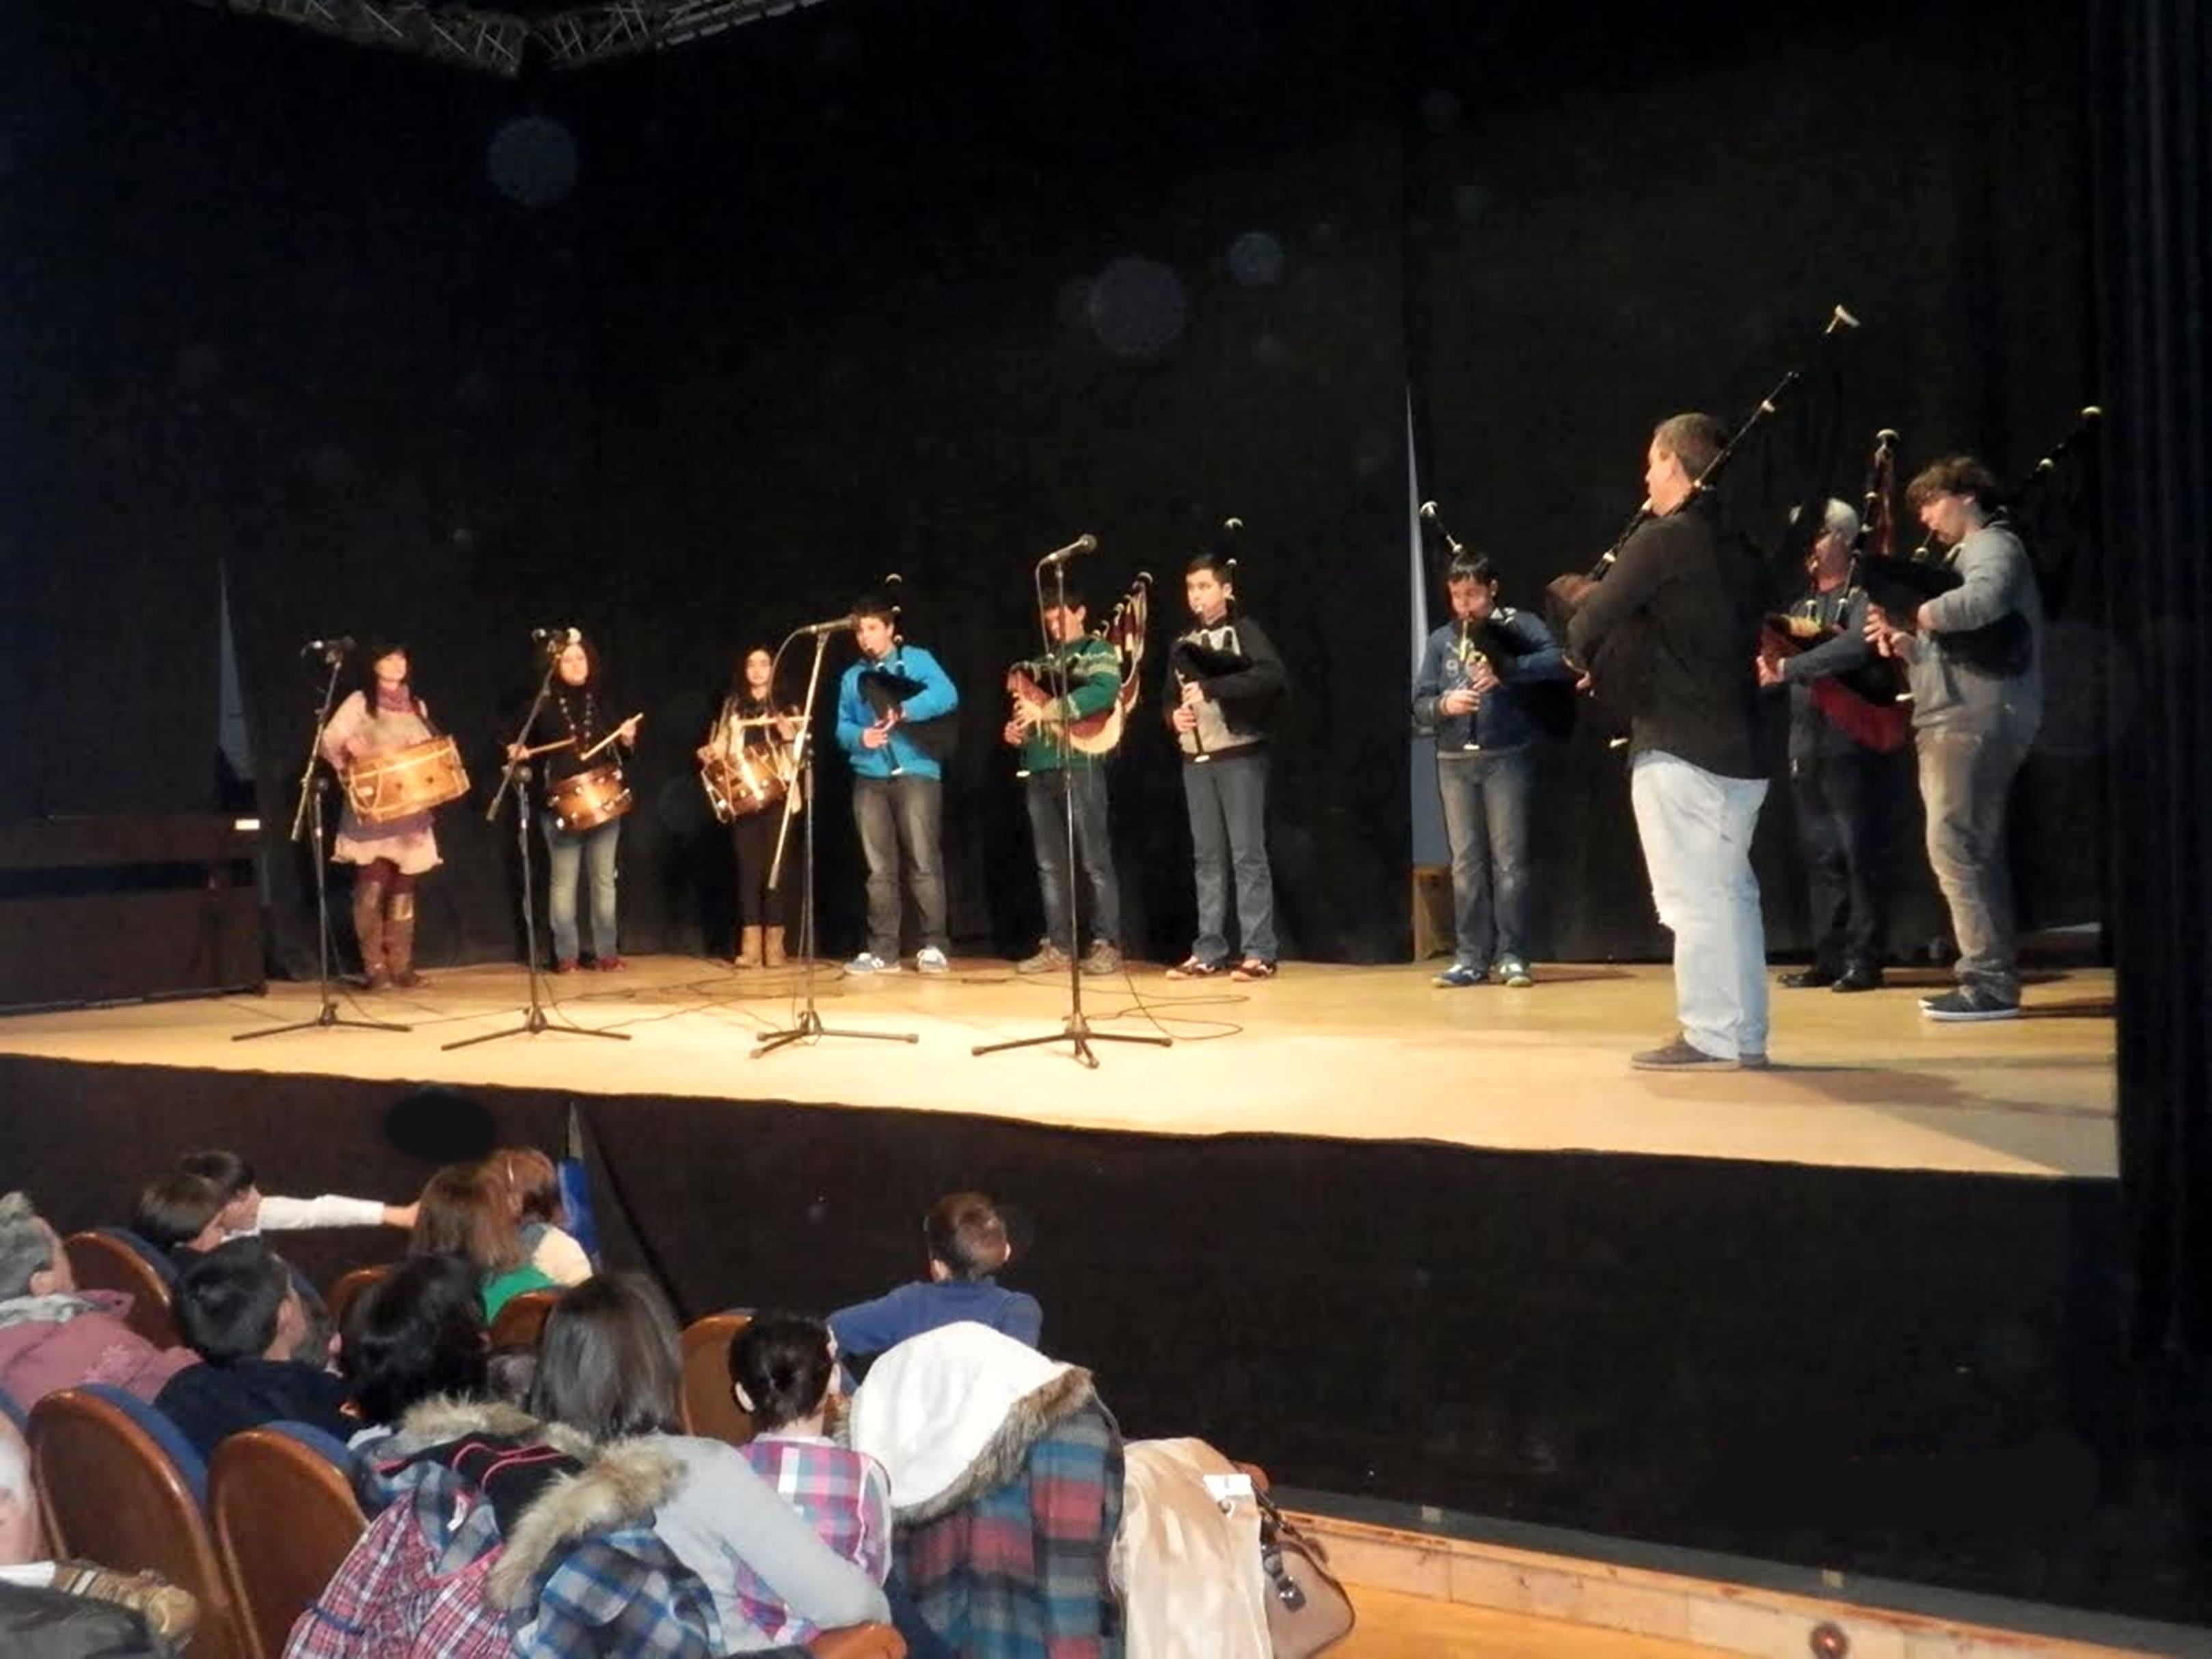 TINEO.- La Escuela Municipal de Música presenta el sábado, día 10, la XIV Muestra de Folclore.